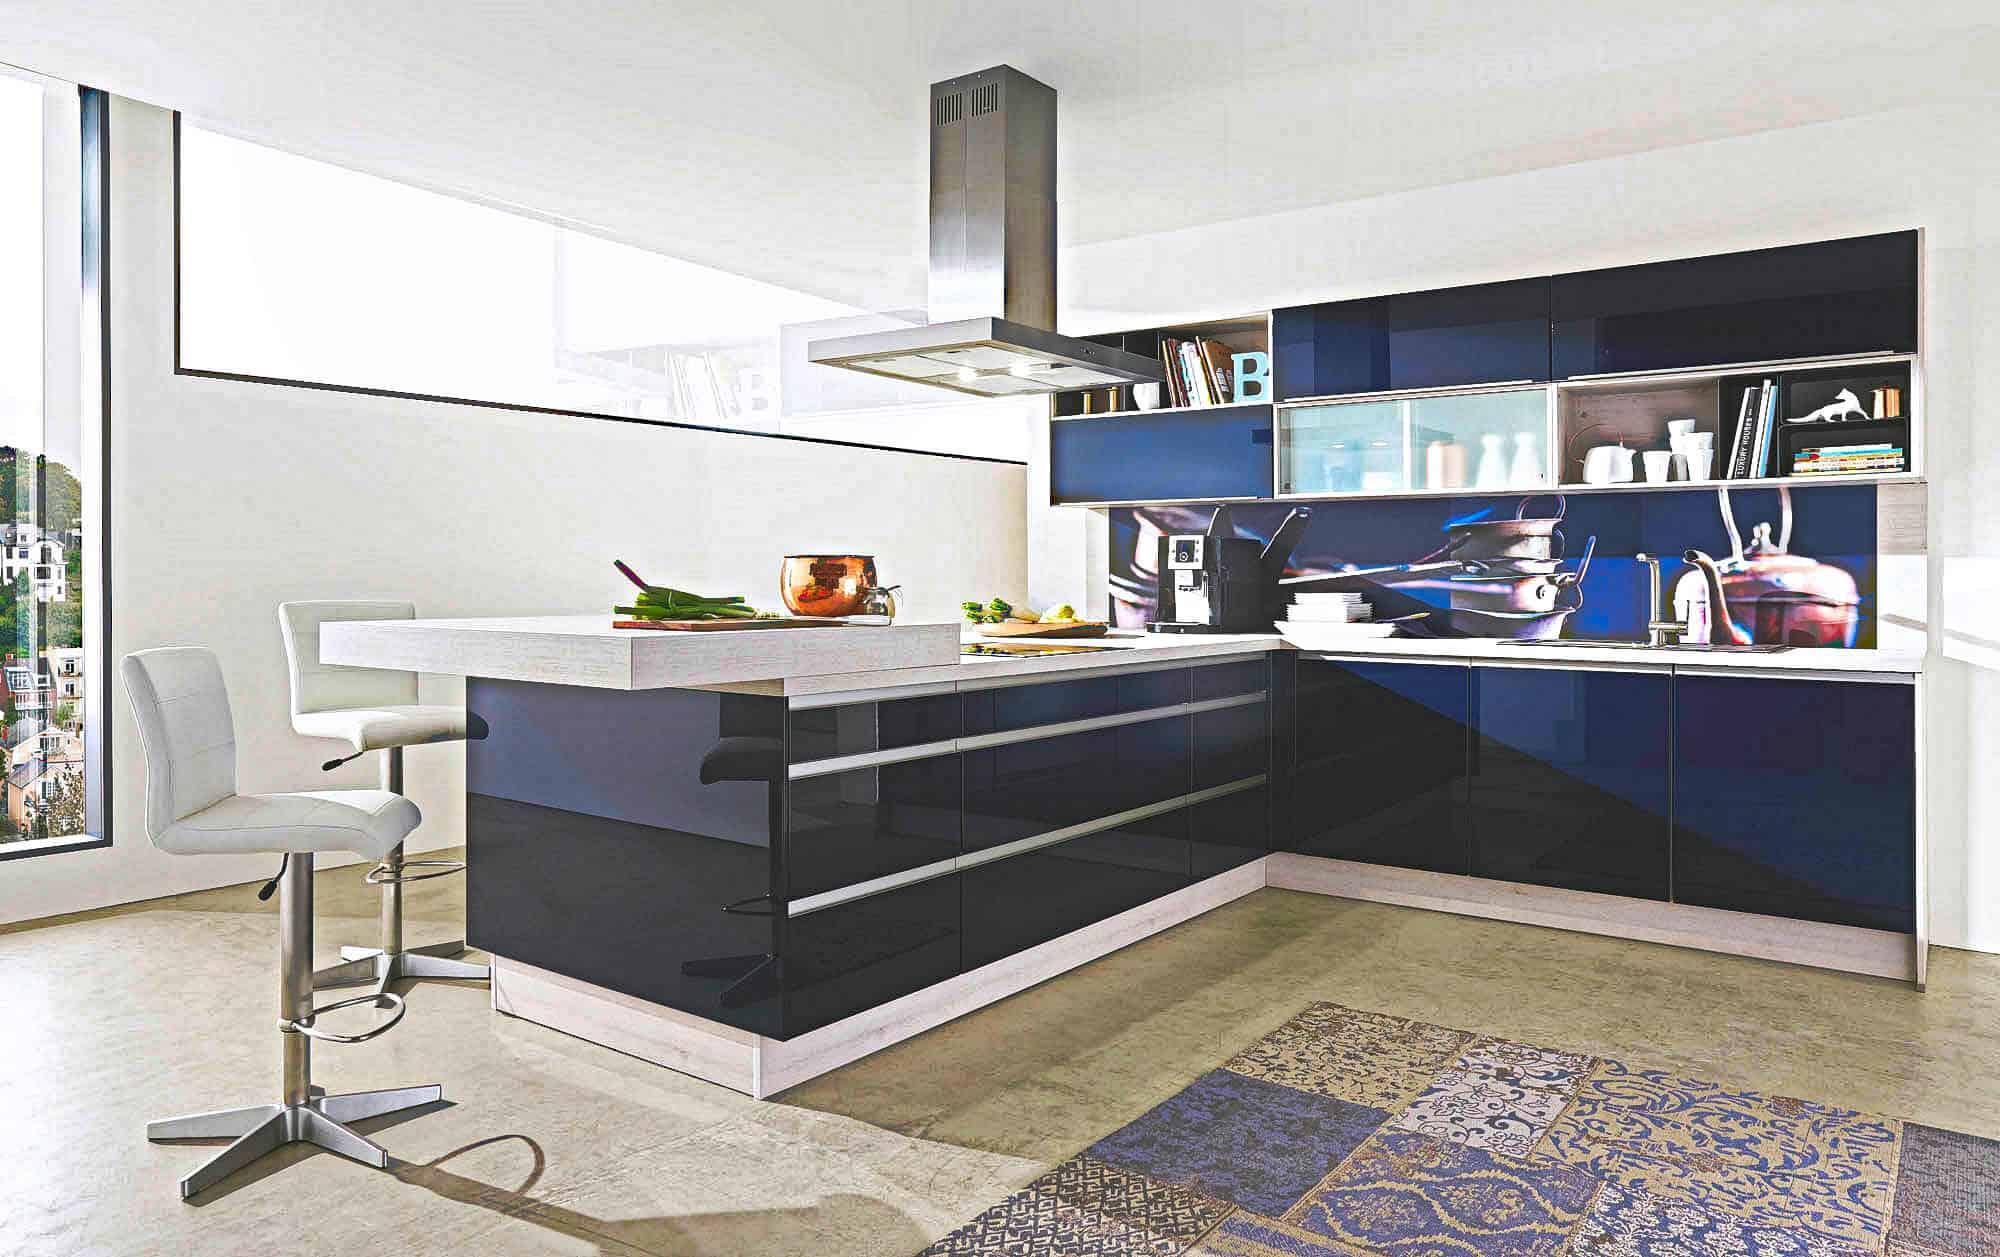 Blaue Küchen günstig kaufen - Kompetente Küchenplanung - Küchenbörse